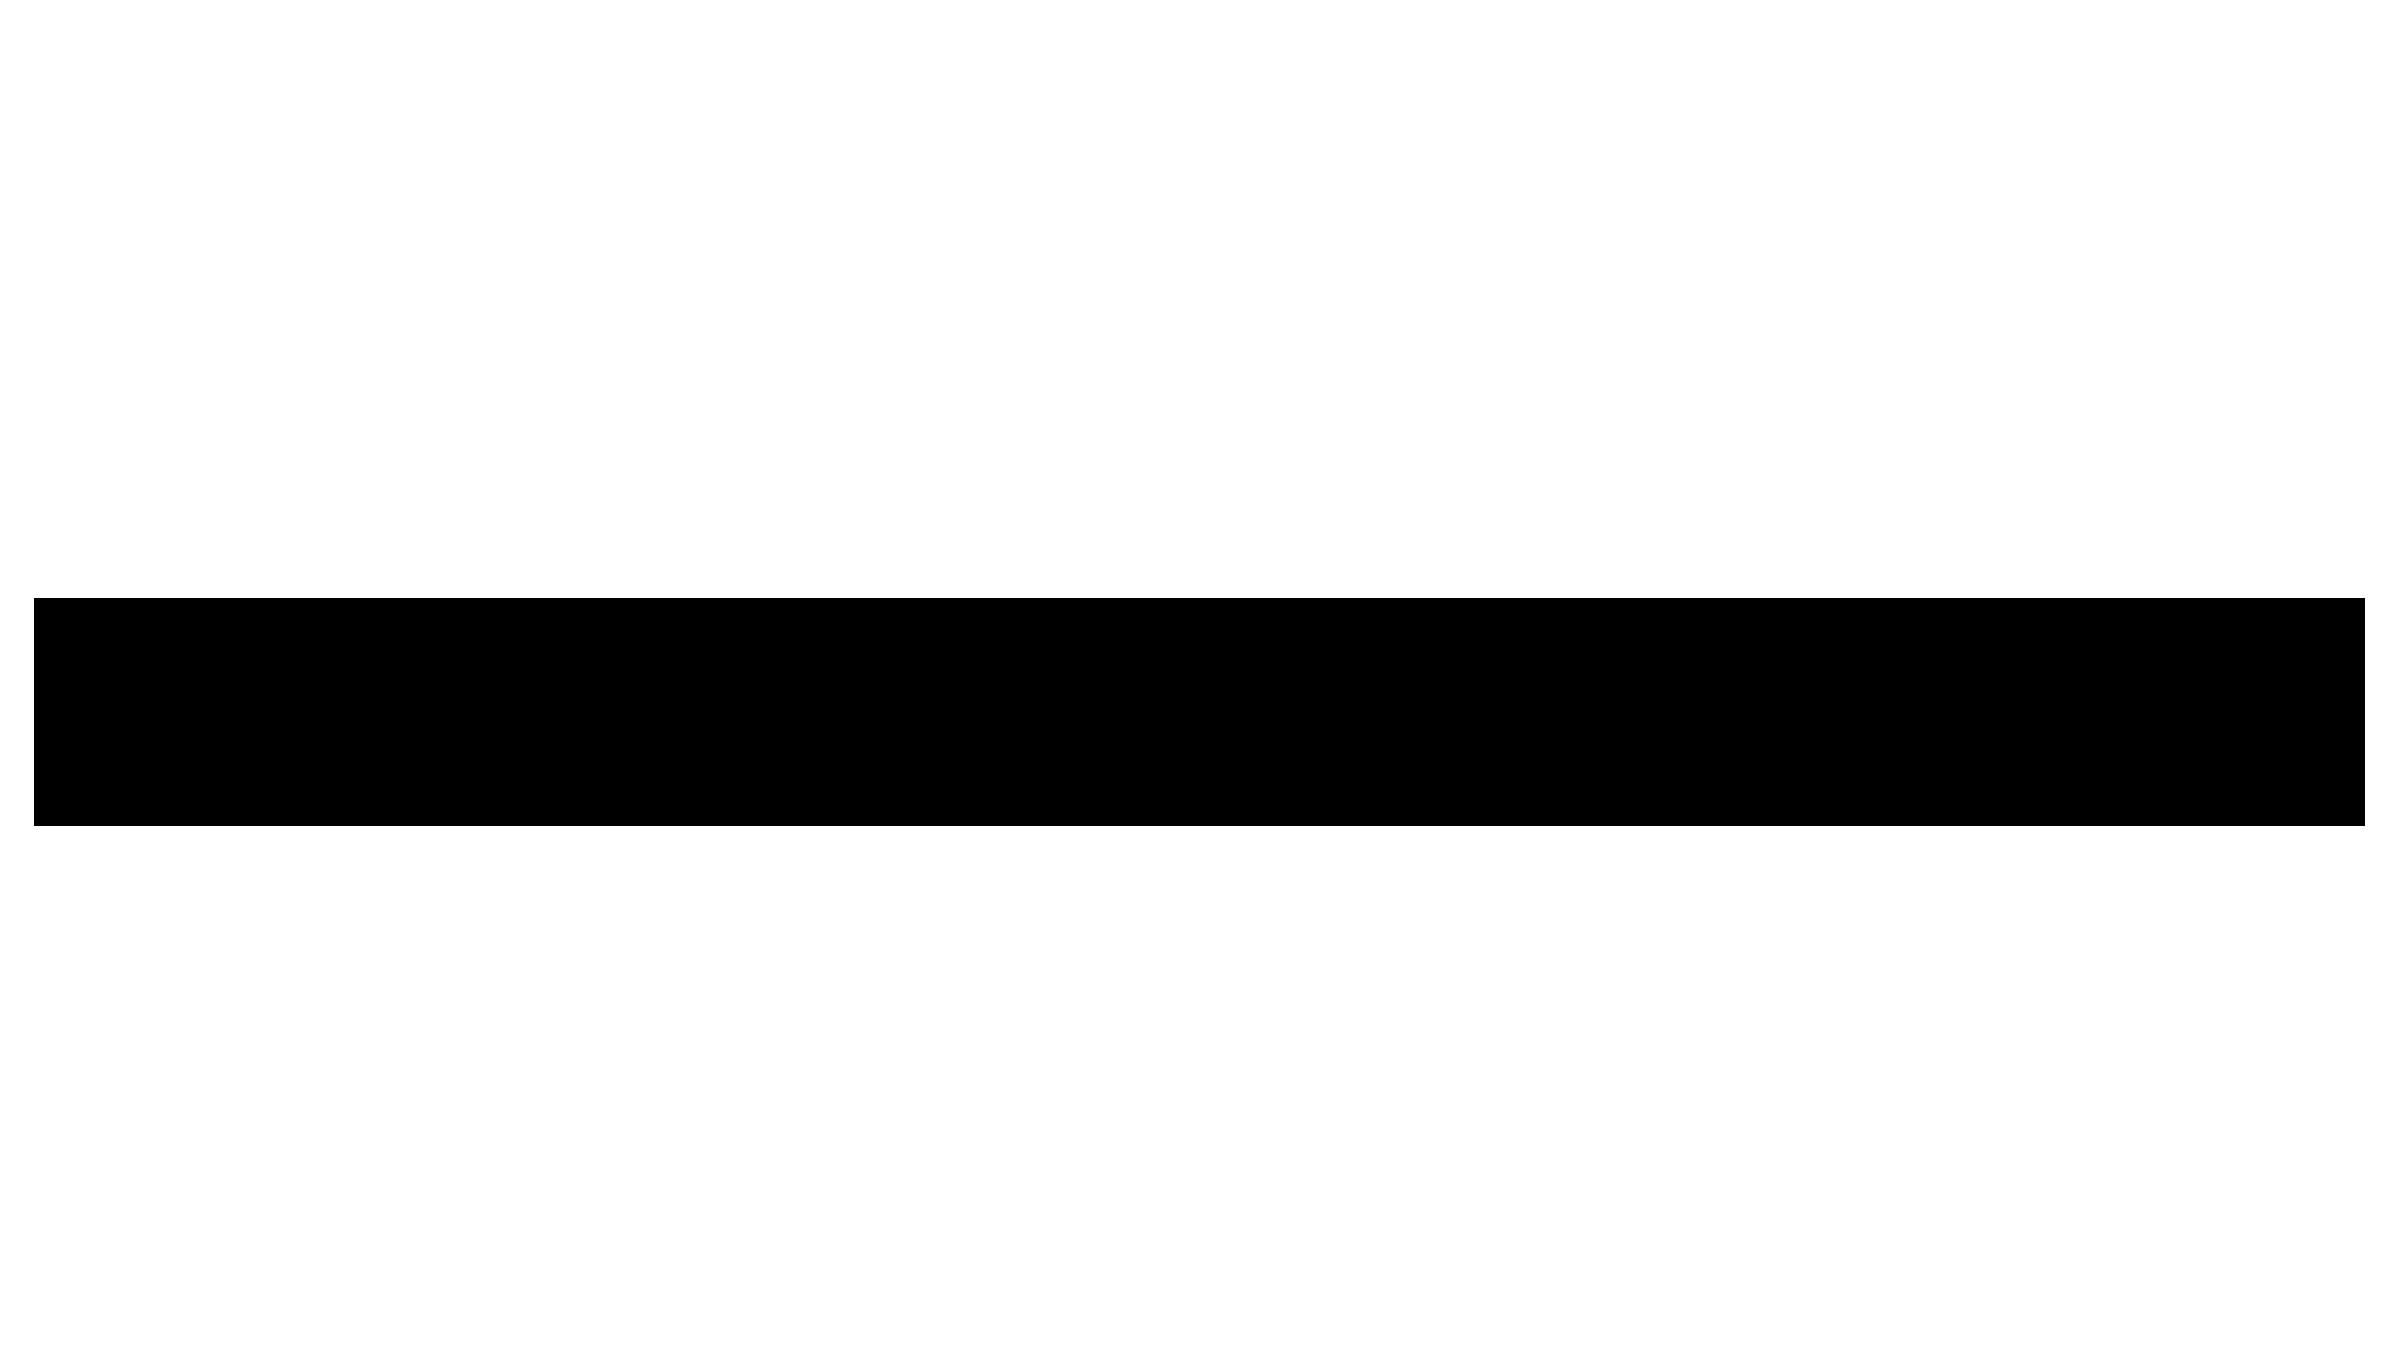 girardin-logo-png-transparent-copy.png